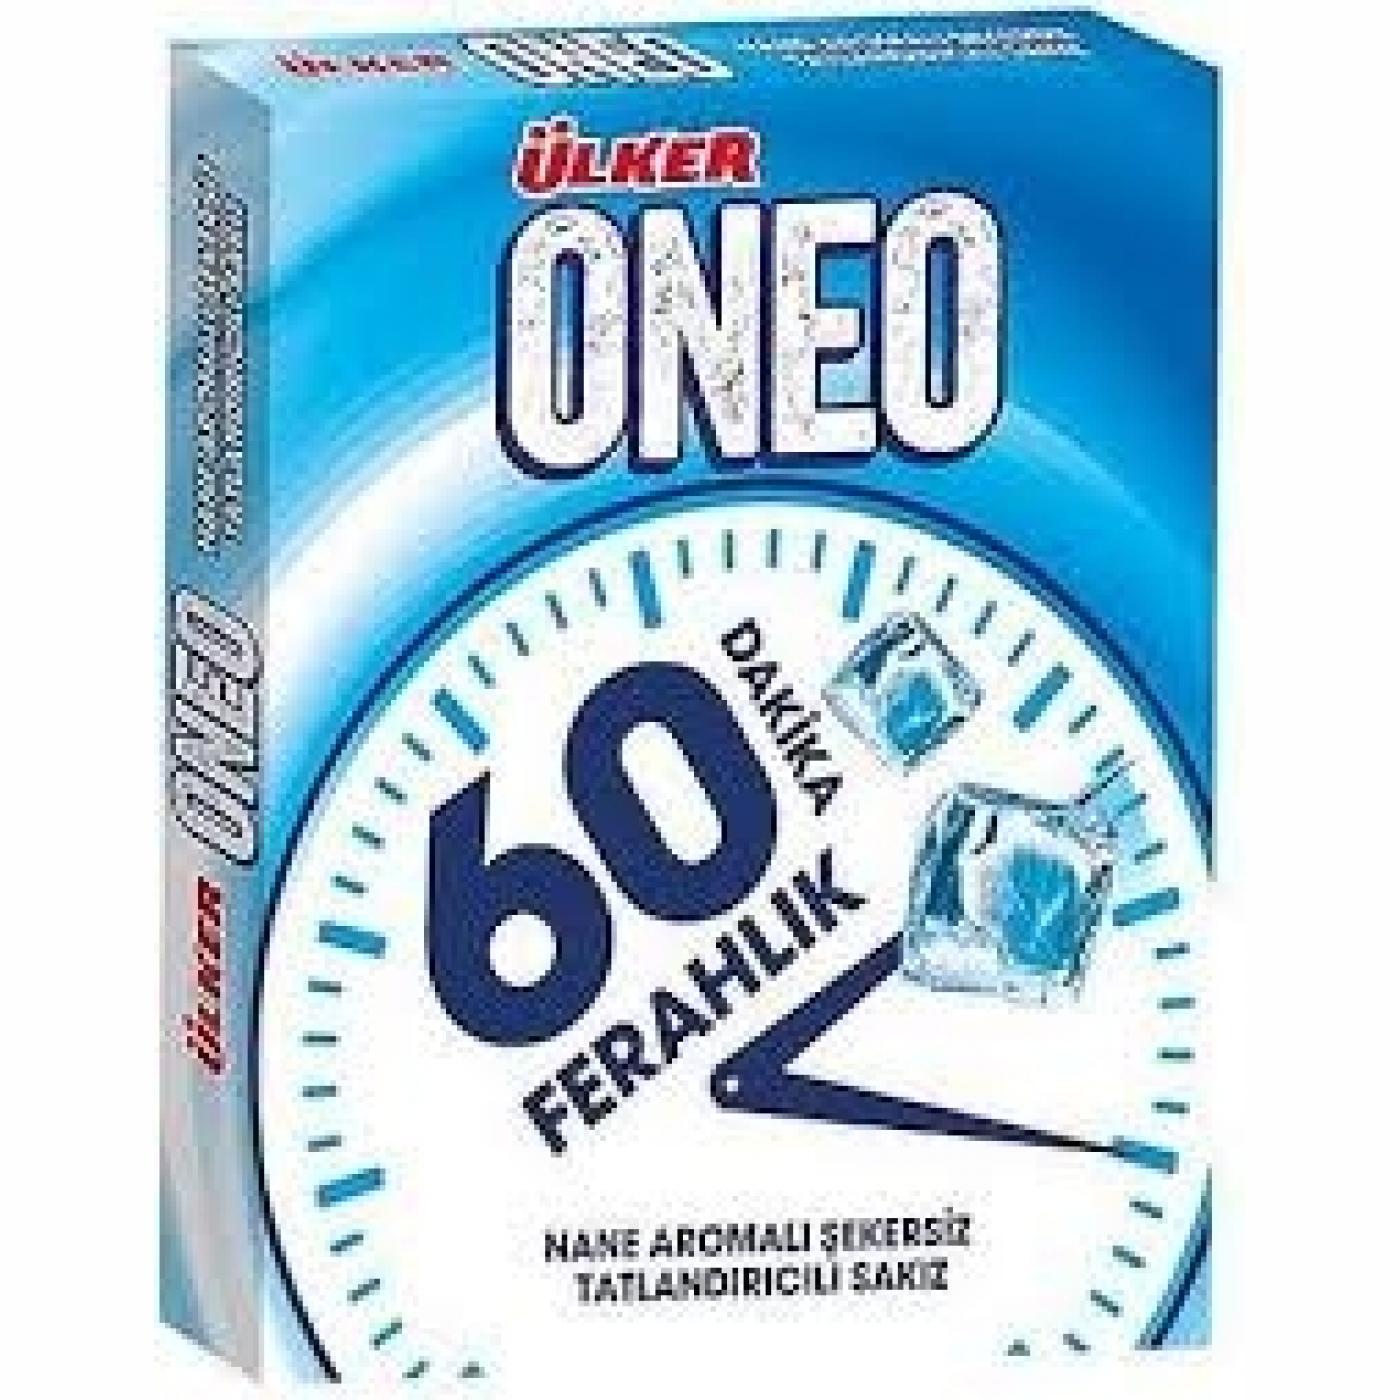 ÜLK.ONEO SLIMS NANE ARM.60 DAK.FRH.(2289-02)